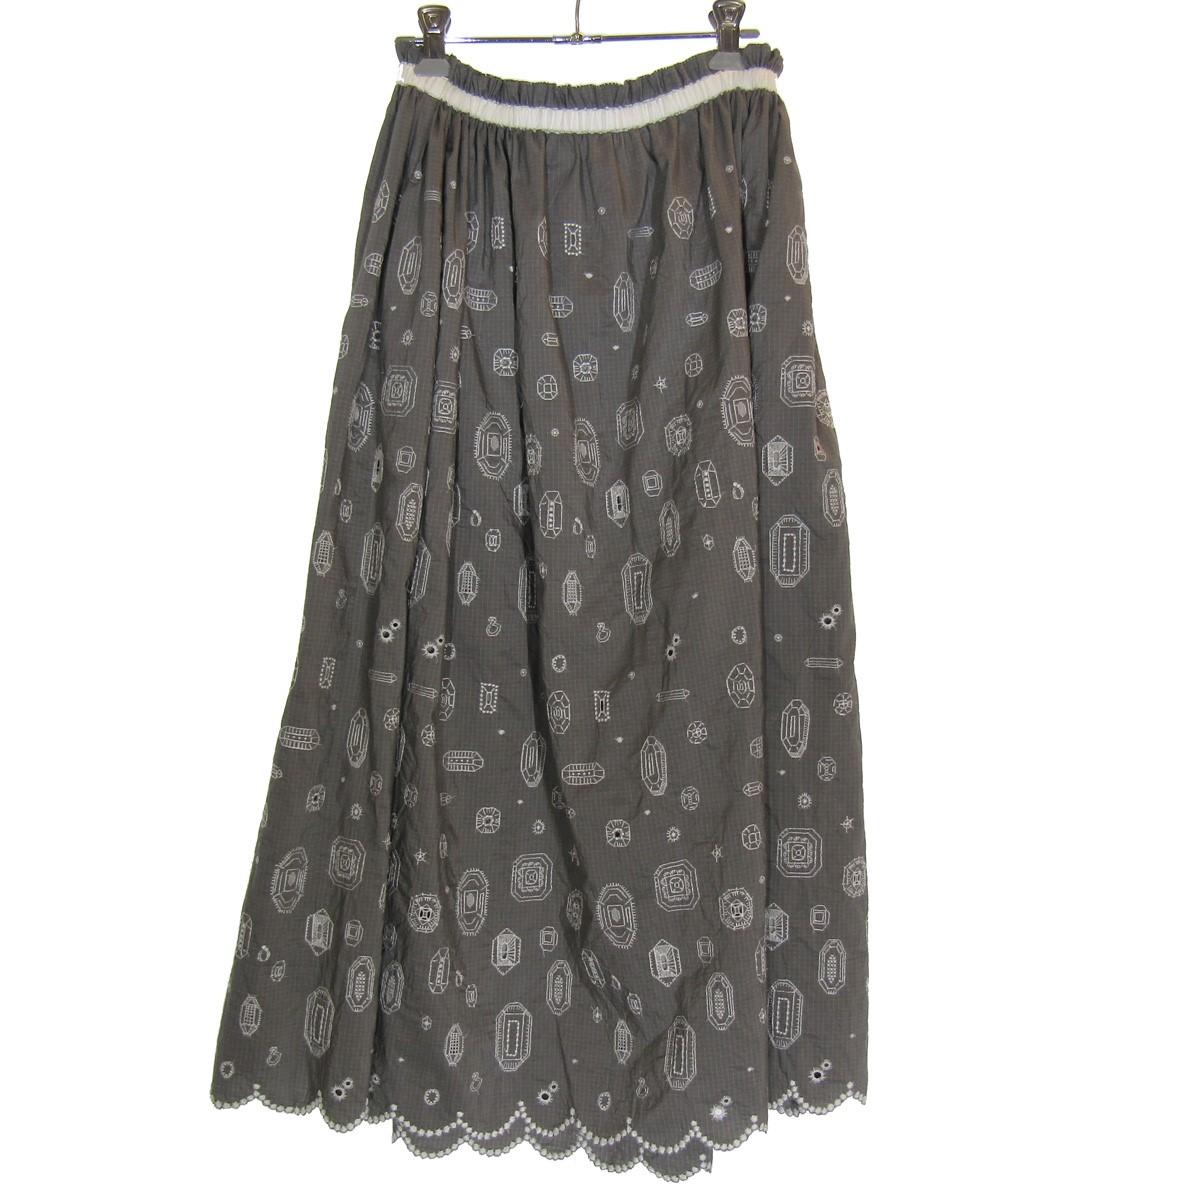 【中古】mina perhonen 2019SS xs5130 gemma スカート グレー サイズ:40 【180320】(ミナペルホネン)